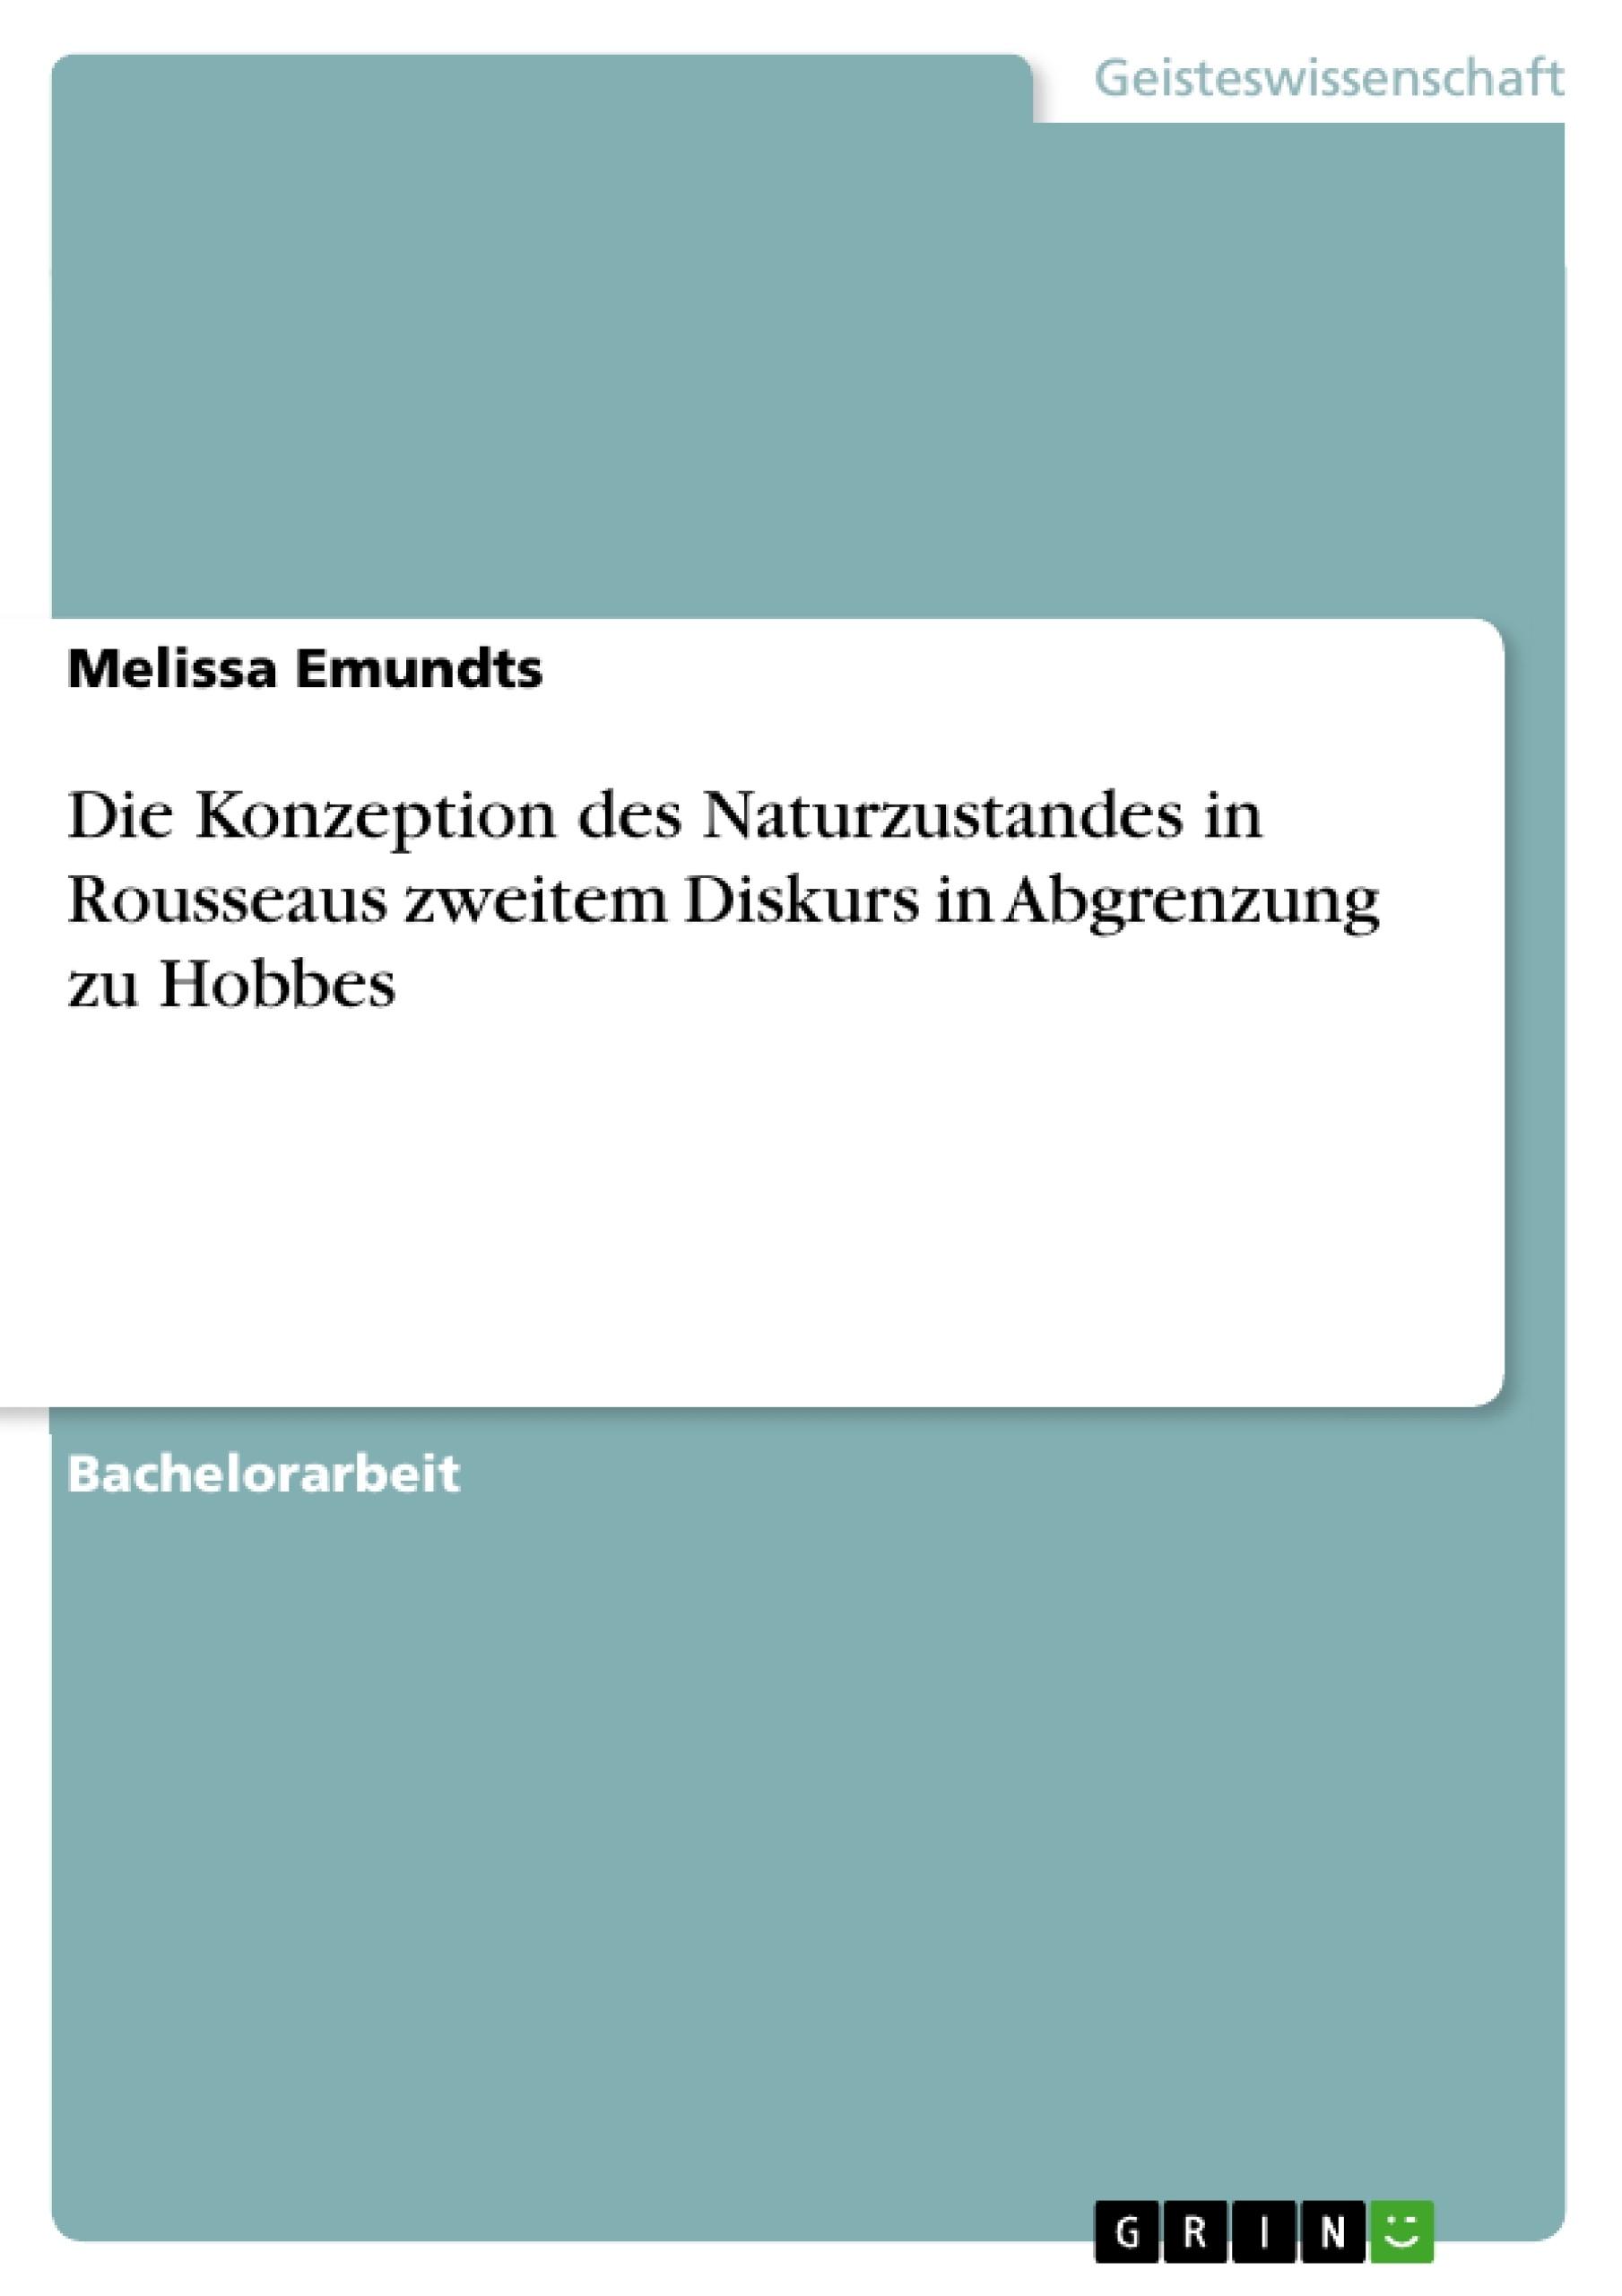 Titel: Die Konzeption des Naturzustandes in Rousseaus zweitem Diskurs in Abgrenzung zu Hobbes